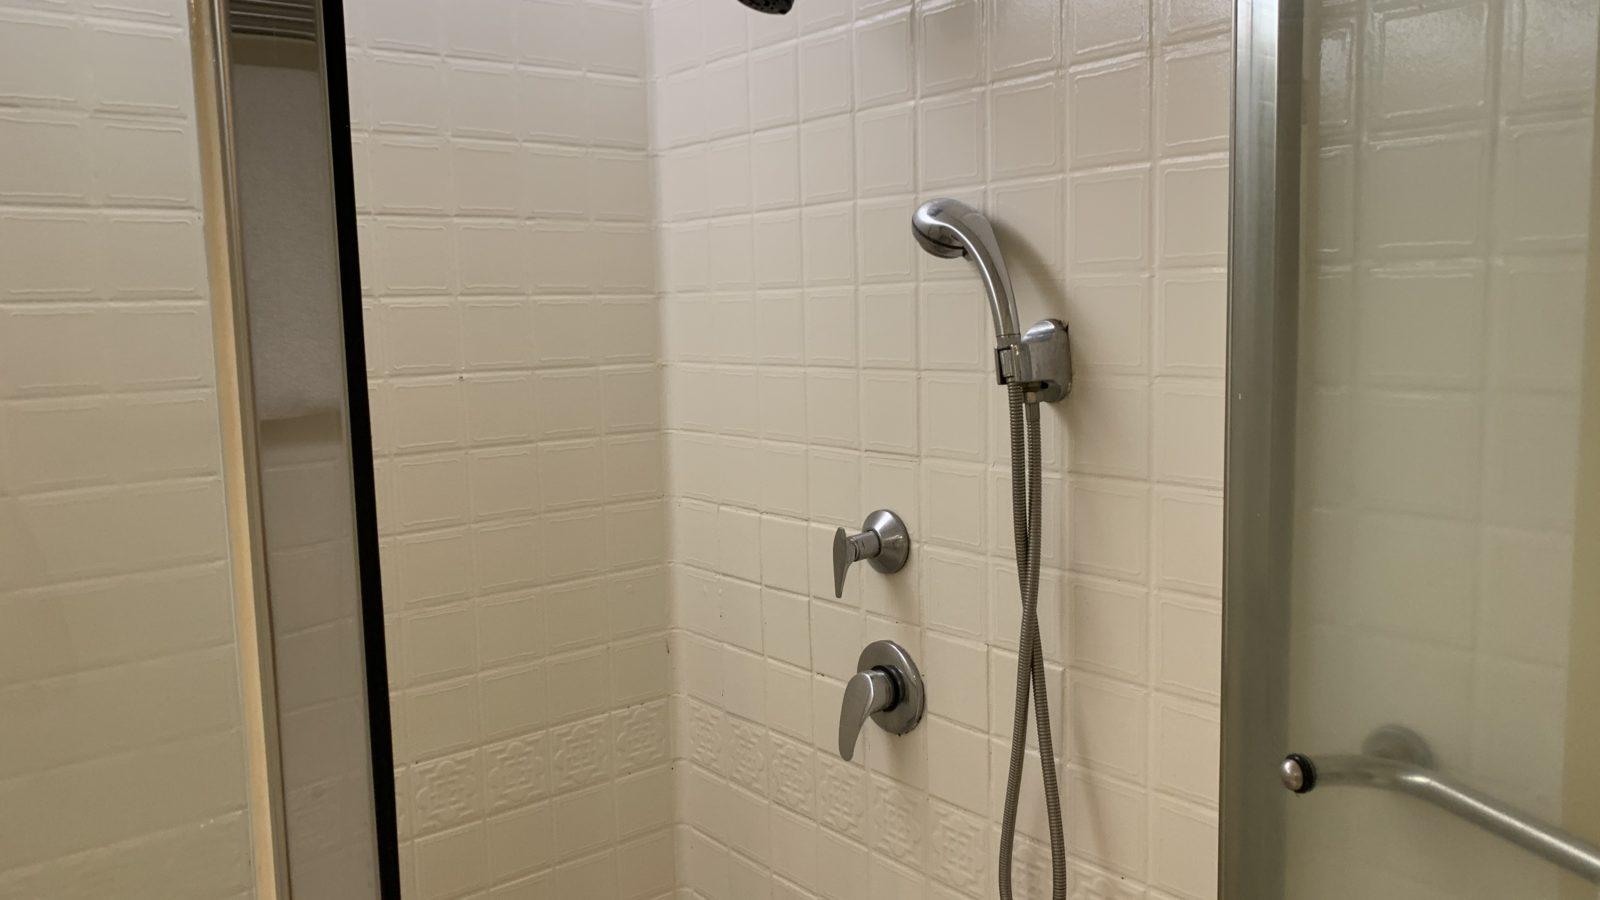 イスタナホテルクアラルンプール-シャワー